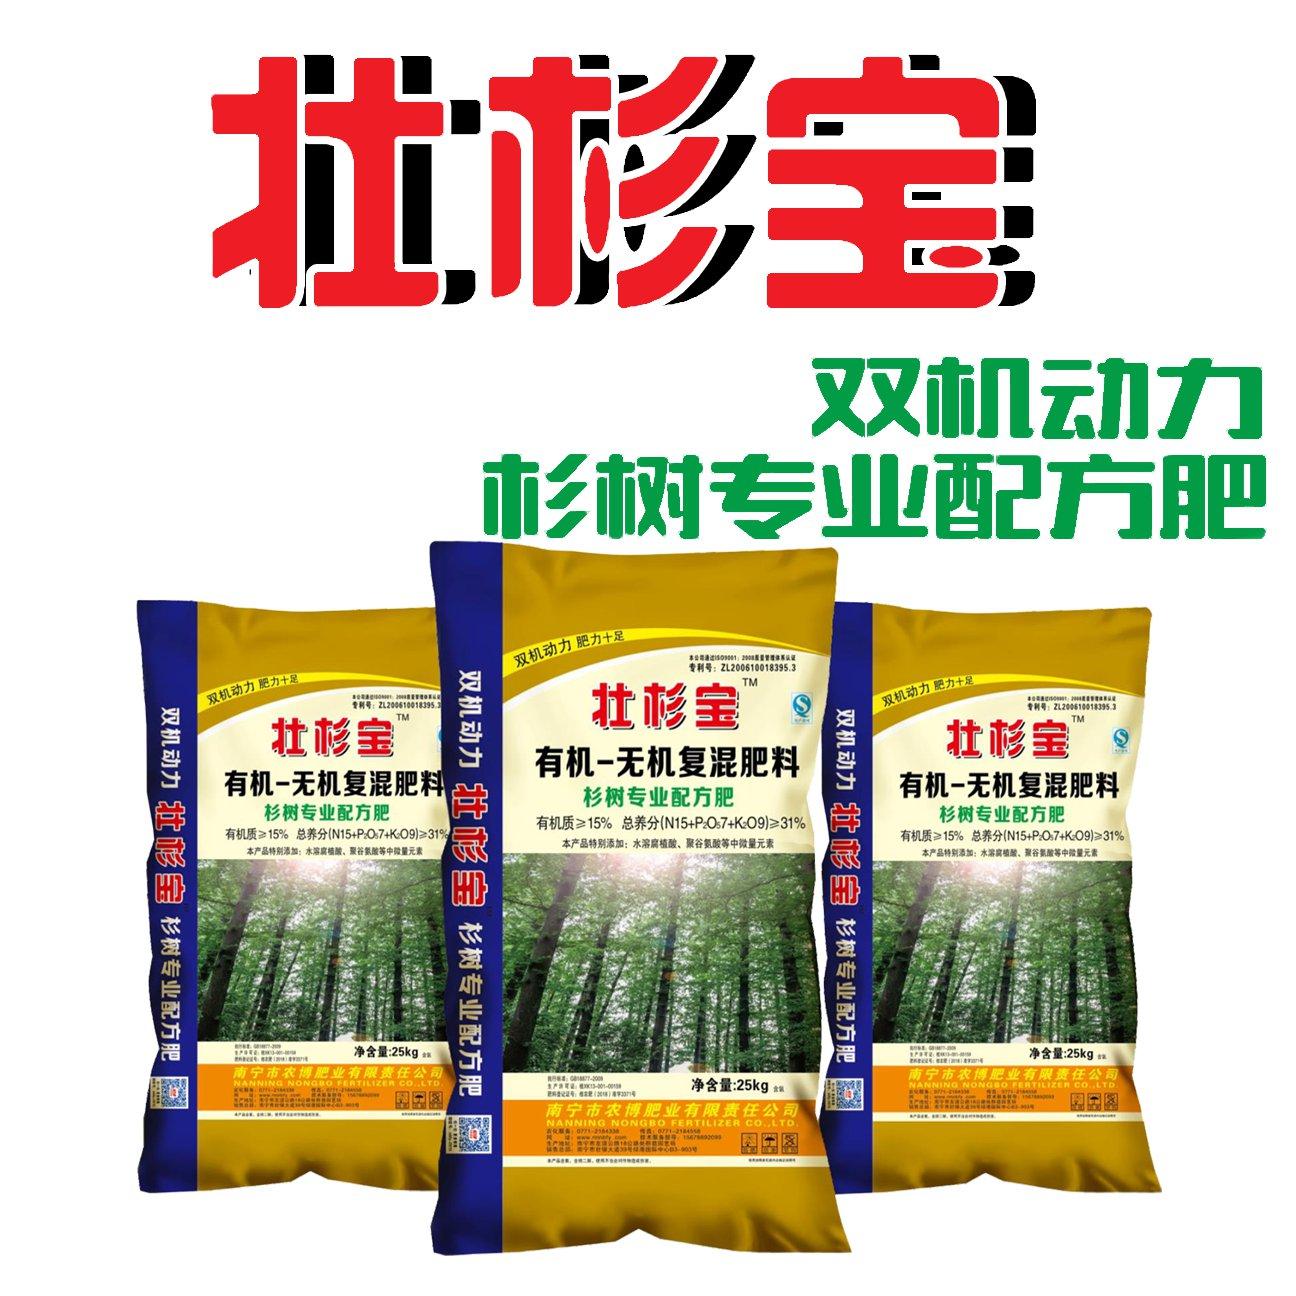 壮杉宝——有机无机复混·壮杉专用肥